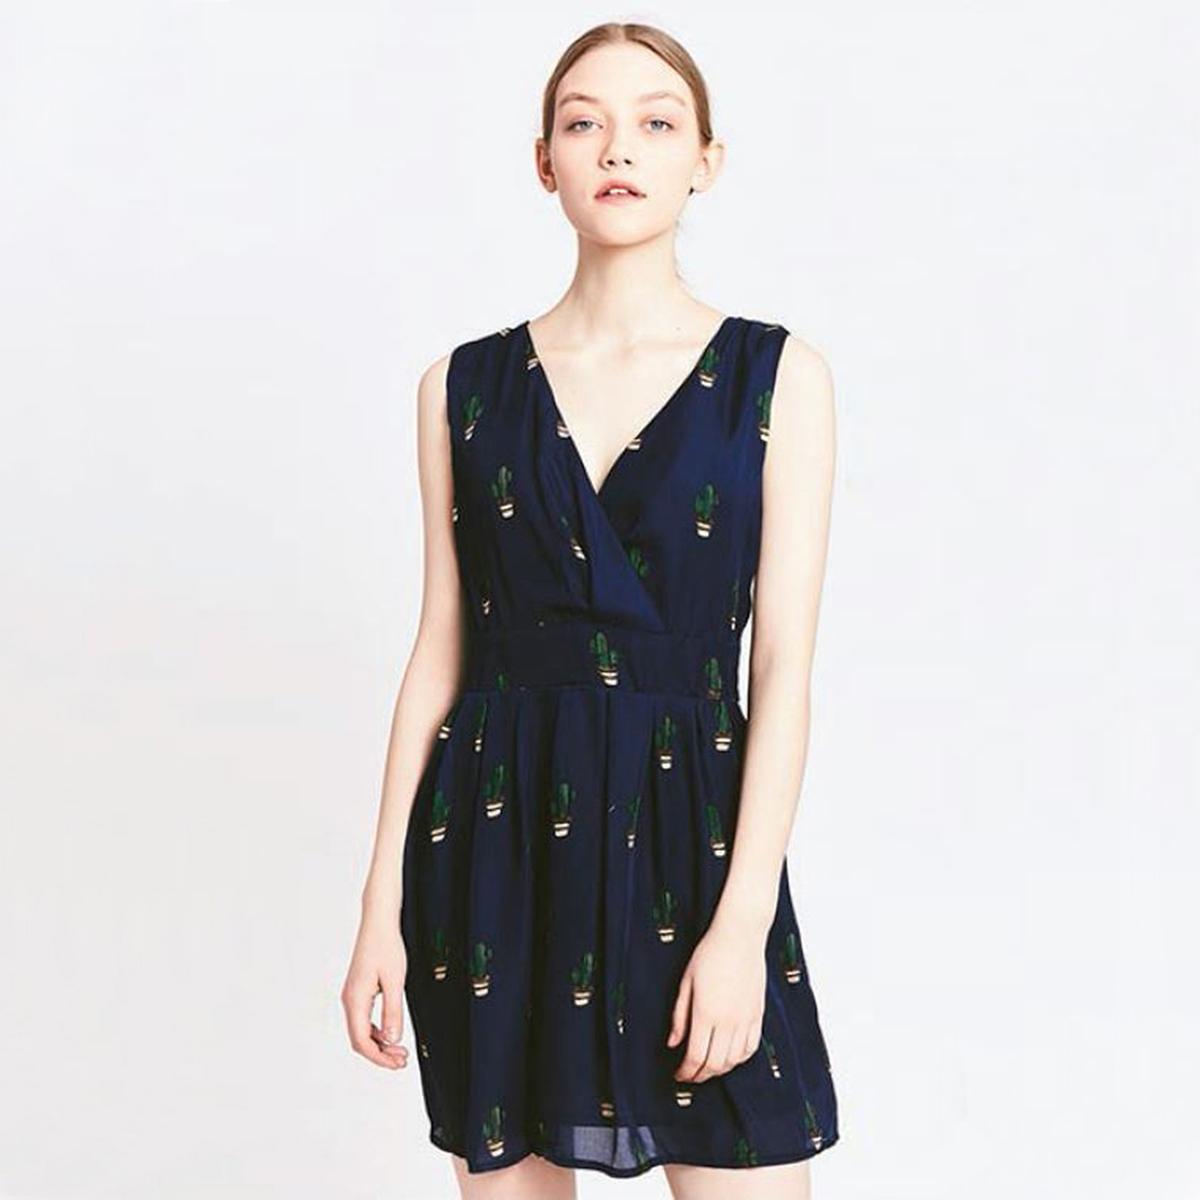 Платье с рисунком кактусМатериал : 100% полиэстер  Длина рукава : без рукавов  Форма воротника : V-образный вырез Покрой платья : расклешенное платье Рисунок : принт   Длина платья : короткое<br><br>Цвет: рисунок темно-синий